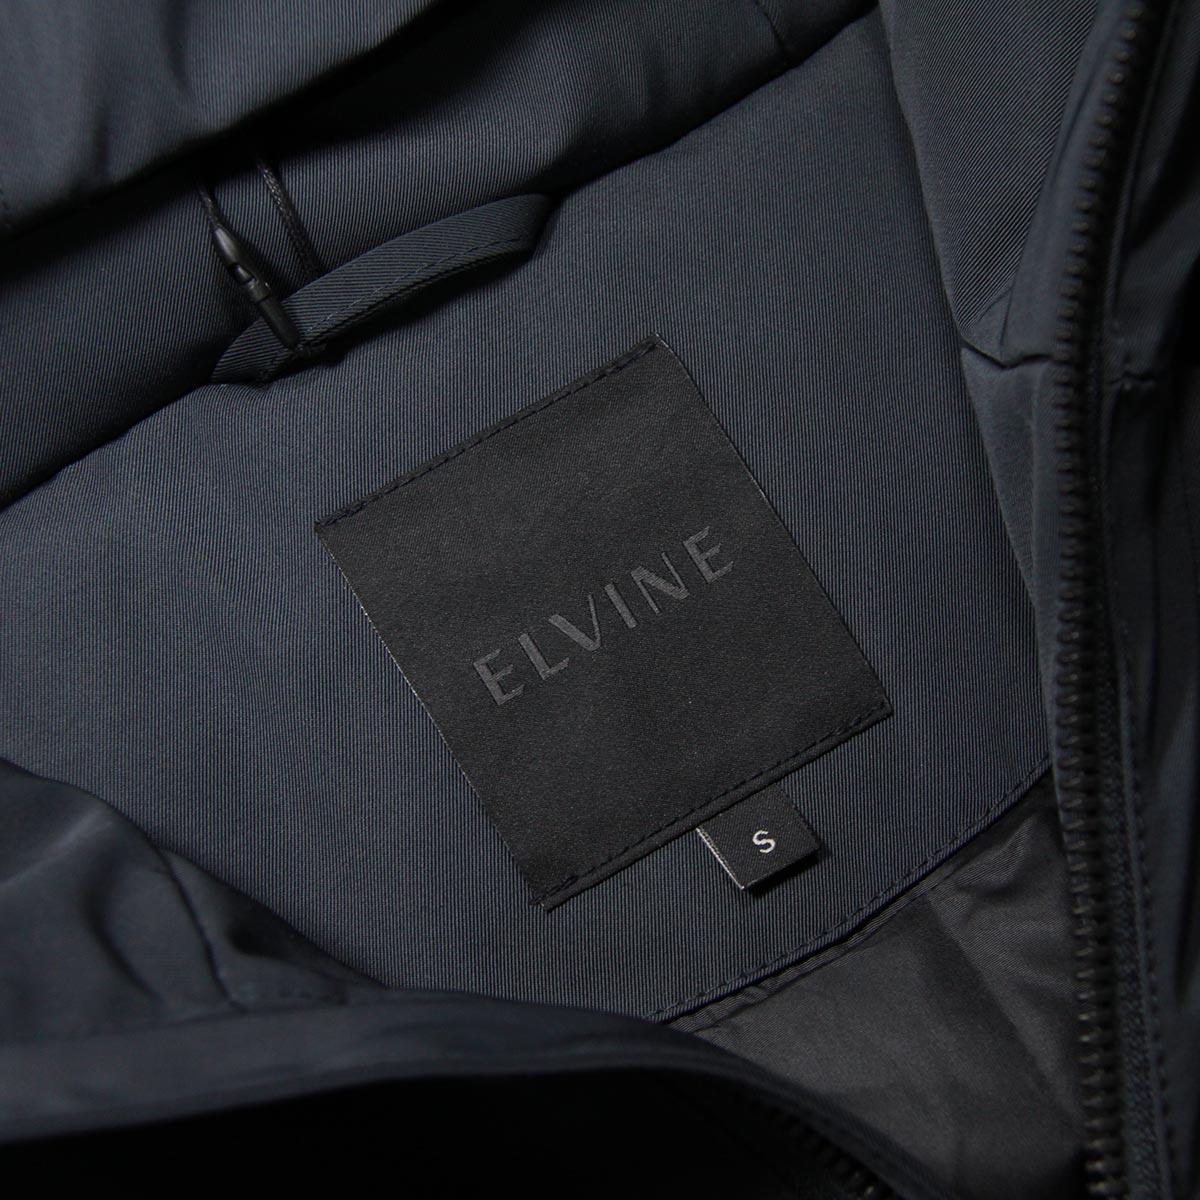 エルバイン アウター メンズ 正規販売店 elvine ジャケット ナイロンジャケット CORNELL X NYLON JACKET 193038 472 COAL A91B B1C C1D D4E E08F